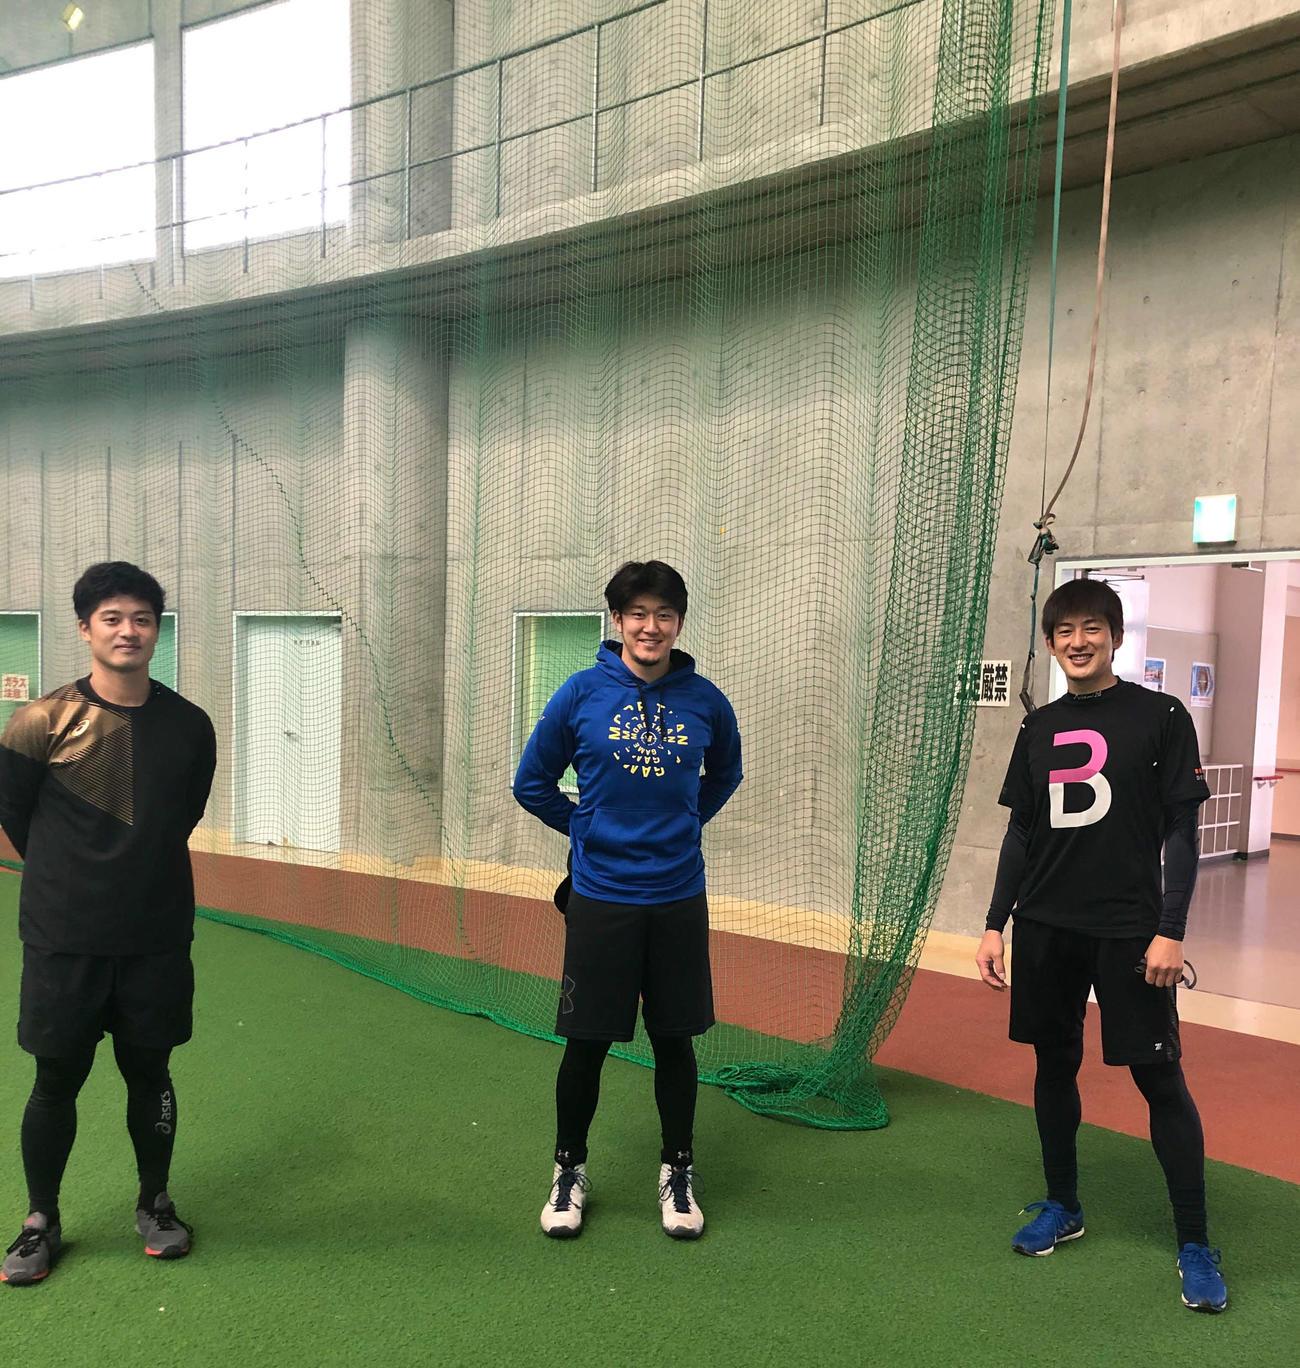 自主トレを公開し笑顔を見せる、左から坂本、岩貞、オリックス能見(球団提供)